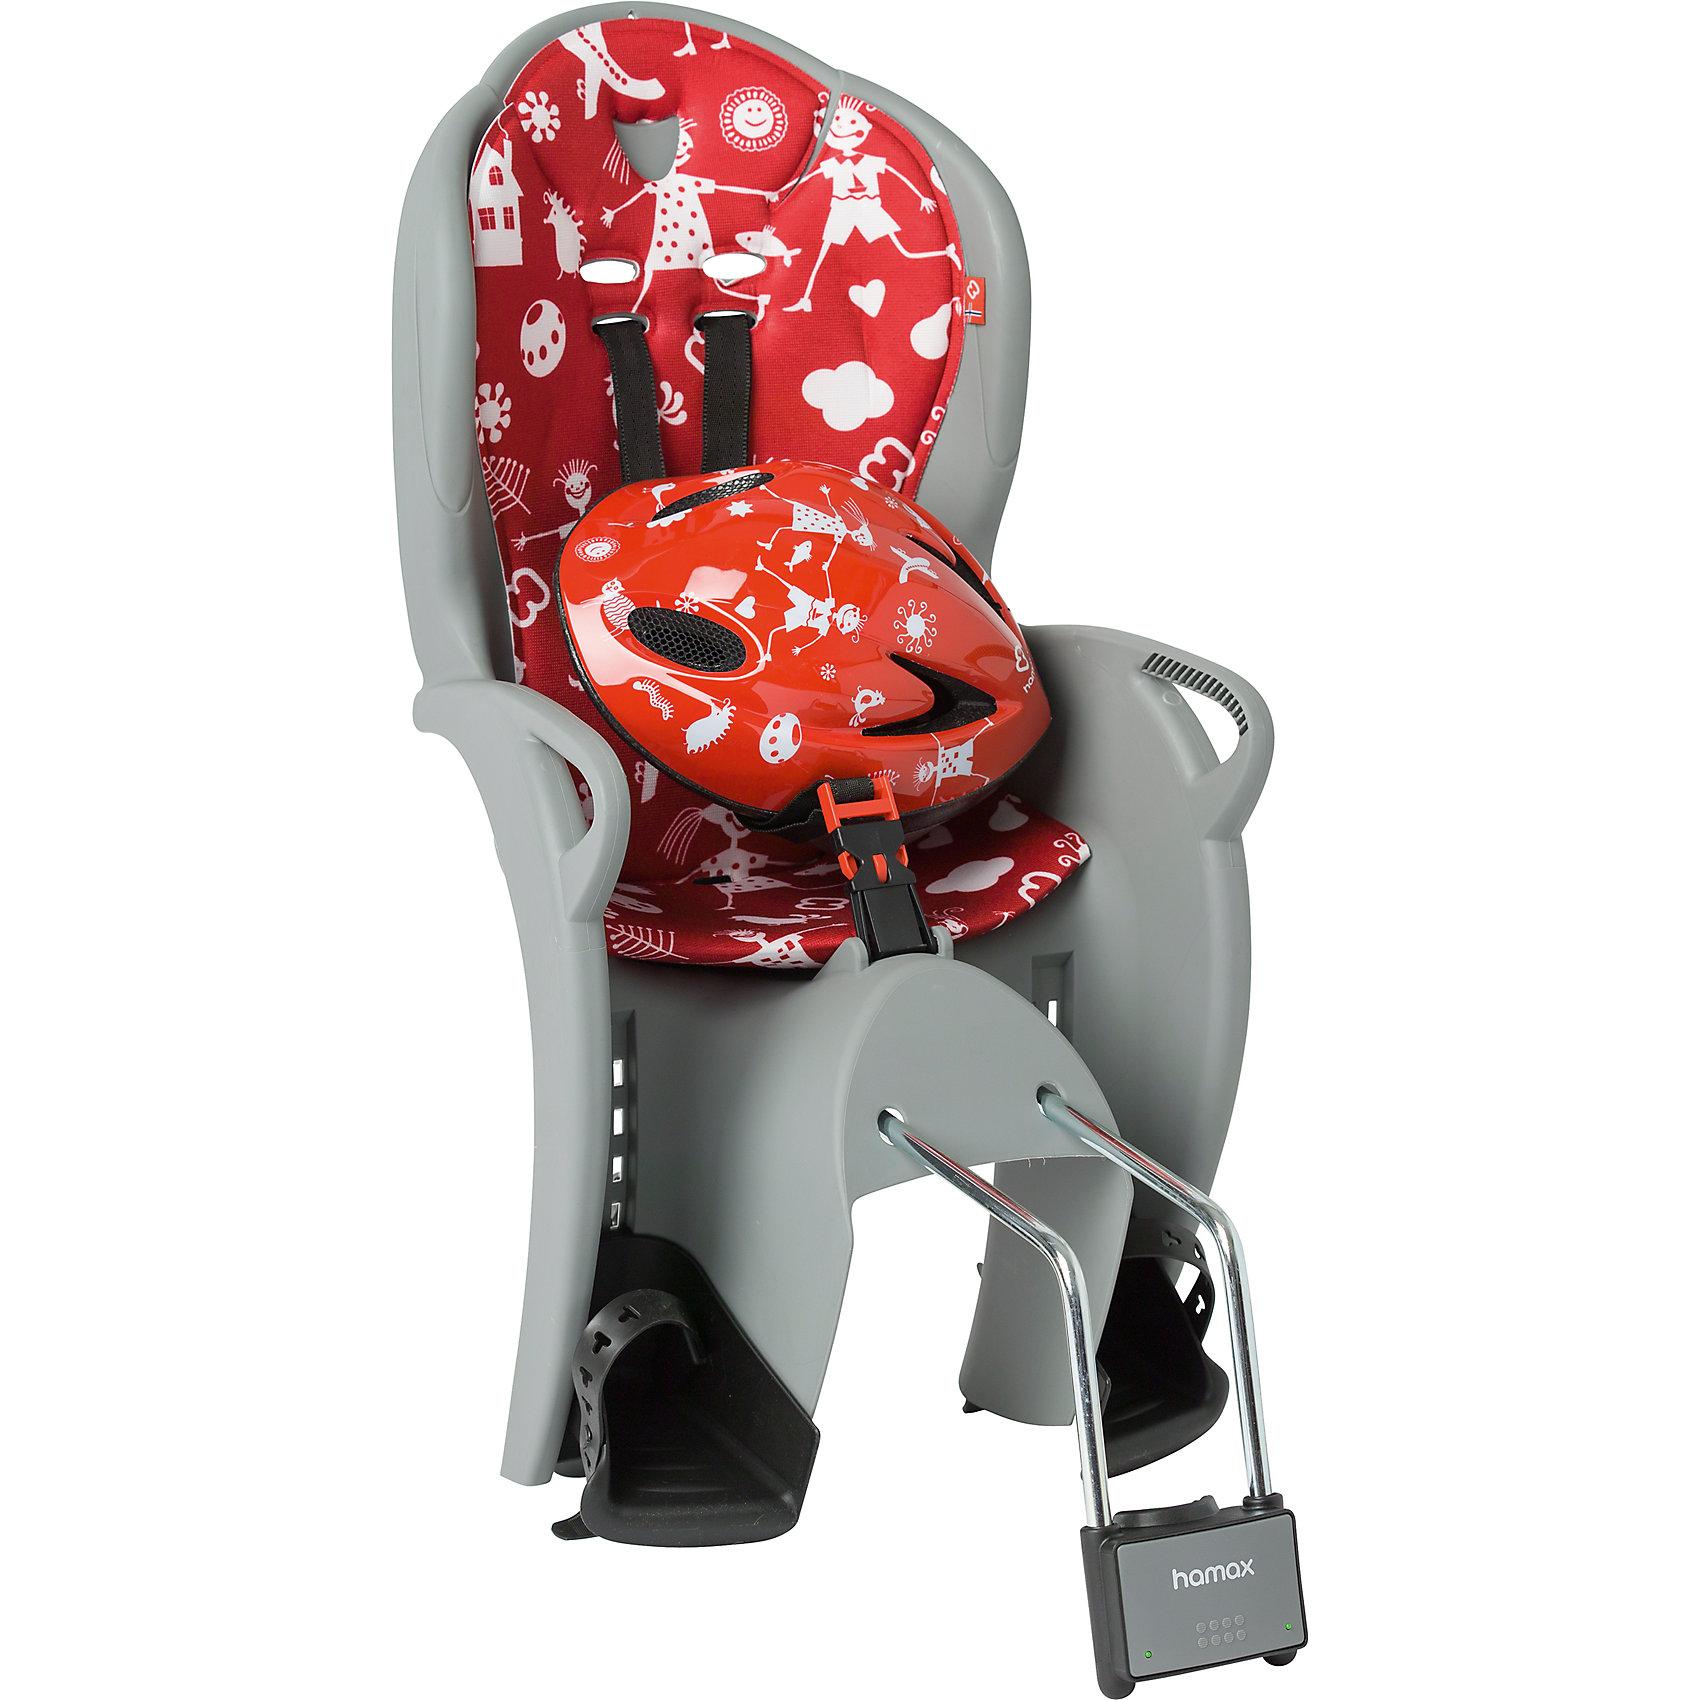 Детское велокресло Kiss Safety Package, Hamax, серый/красныйАксеcсуары для велосипедов<br>Характеристики товара:<br><br>• цвет: серый, красный<br>• комплект: велокресло, шлем (р48-52 см)<br>• конструкция пряжек ремней безопасности/фиксации для предотвращения <br>саморастегивания<br>• возможность установить на любом велосипеде как с багажником, так и без<br>• возраст: старше 9 месяцев и весом до 22 кг.<br>• регулируемый ремень безопасности и подножки.<br>• несущие дуги крепления велокресла обеспечивают отличную амортизацию<br>• подходит для подседельных труб рамы диаметром 28-40мм. (круглые и овальные)<br>• система крепления велокресла не мешает тросам переключения передач<br>• велокресло сертифицировано по: T?V / GS EN14344<br>• размеры 39х80х41см<br>• вес: 4,6кг<br>• материал: пластик, текстиль<br>• страна бренда: Польша<br><br>Эргономика велокресла Kiss Safety Package, Hamax расчитанна так что спинка кресла не будет мешать голове ребенка в моменты когда он хочет откинуться назад кресла в шлеме.<br><br>Механизмы регулировки застежек позволяют комфортно отрегулировать их вместе с ростом ребенка.<br><br>Все детские велосиденья Hamax  растут вместе с ребенком!  Регулируются и ремень безопасности и подножки.<br><br>Приобретая дополнительный кронштейн, вы можете легко переставлять детское сиденье с одного велосипеда на другой. <br><br>Hamax рекомендует, что ребенок должен всегда носить шлем при использовании детского сиденья.<br><br>Детское велокресло Kiss Safety Package, Hamax, серый/красный можно купить в нашем интернет-магазине.<br><br>Ширина мм: 380<br>Глубина мм: 790<br>Высота мм: 350<br>Вес г: 3700<br>Возраст от месяцев: 9<br>Возраст до месяцев: 48<br>Пол: Унисекс<br>Возраст: Детский<br>SKU: 5582632